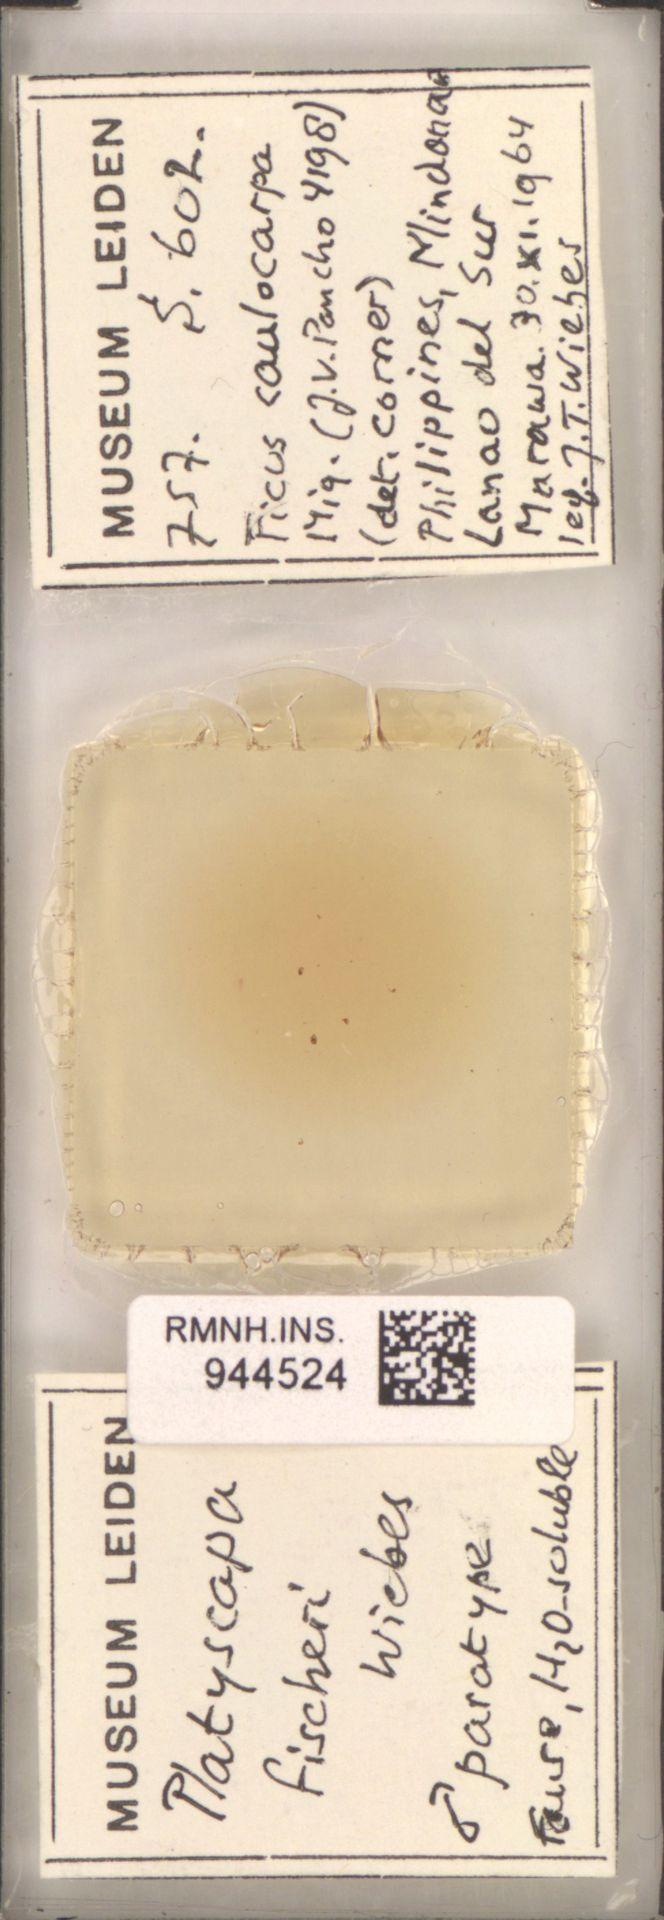 RMNH.INS.944524 | Platyscapa fischeri Wiebes